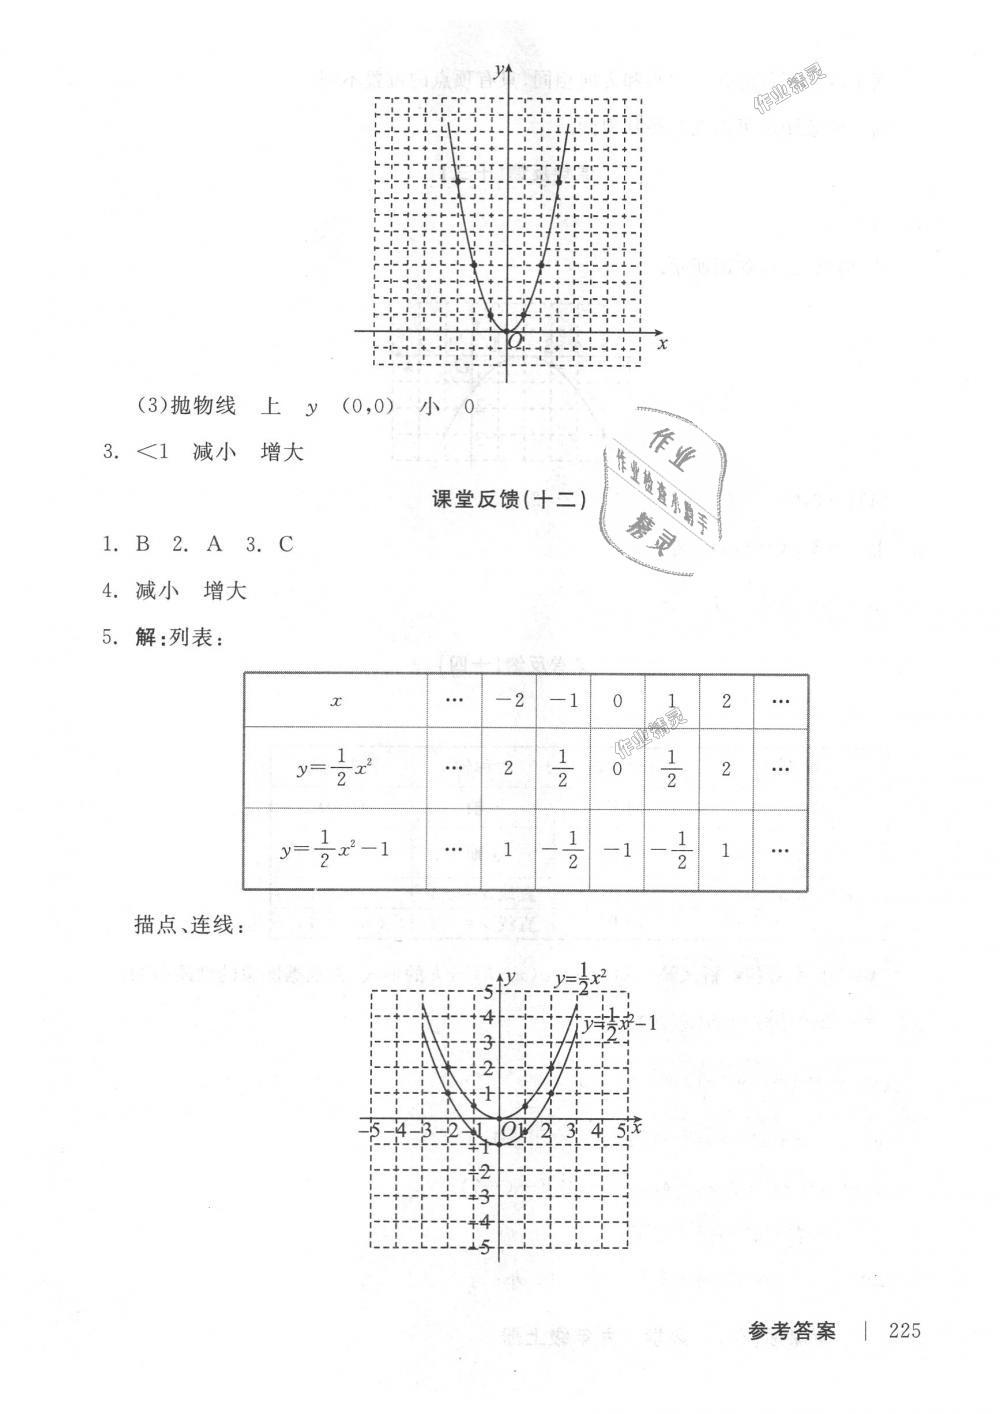 2018年全品学练考九年级数学上册人教版第19页